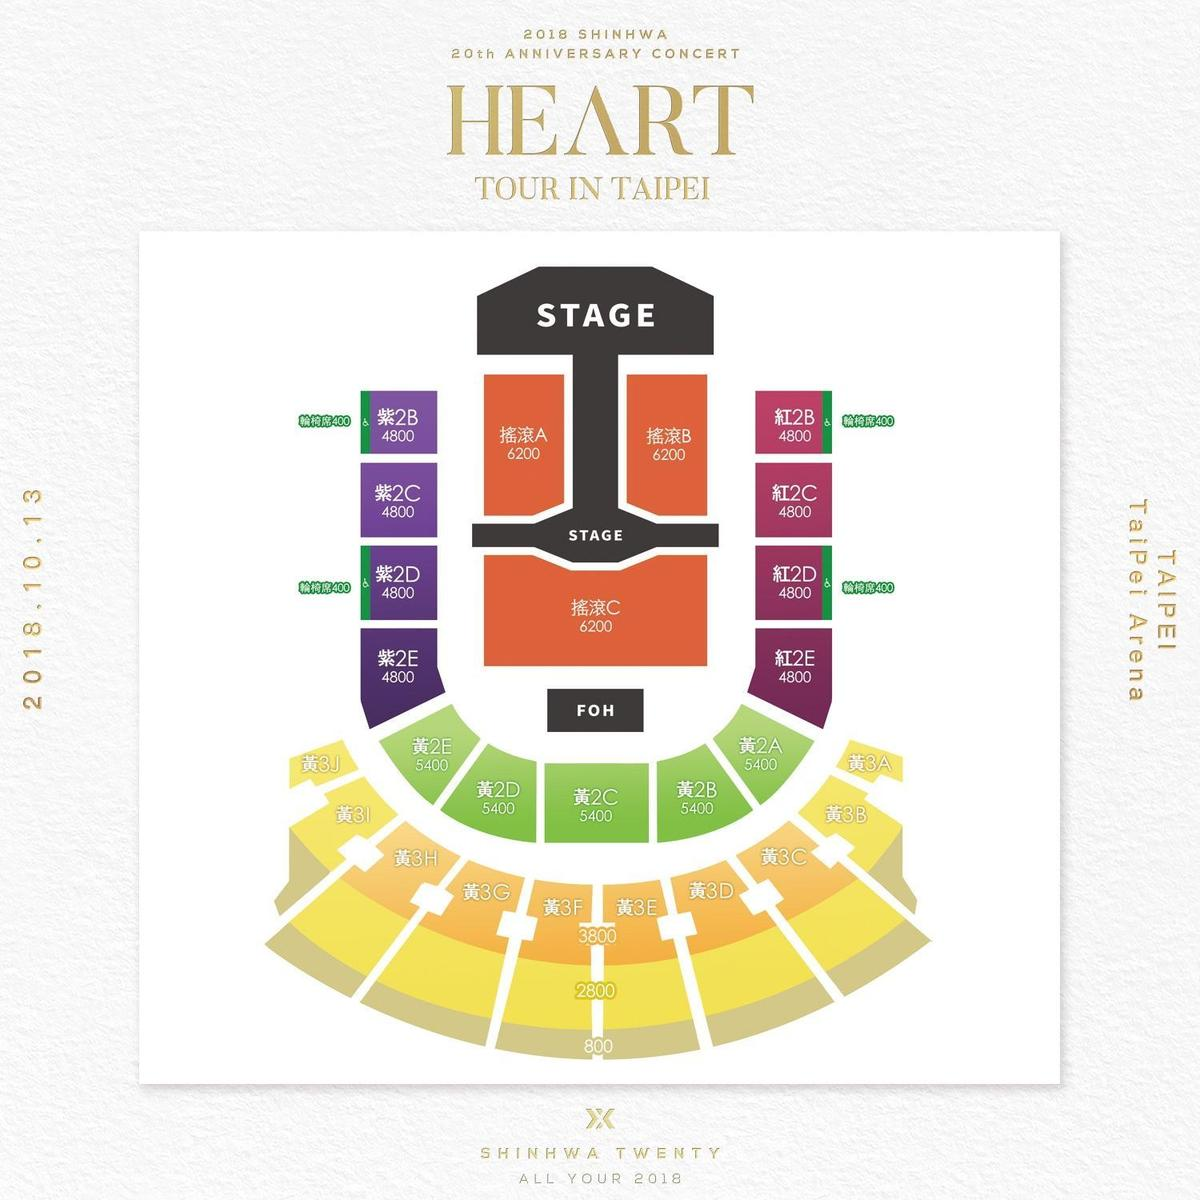 神話小巨蛋演唱會售票座位圖。(JUSTLIVE提供)